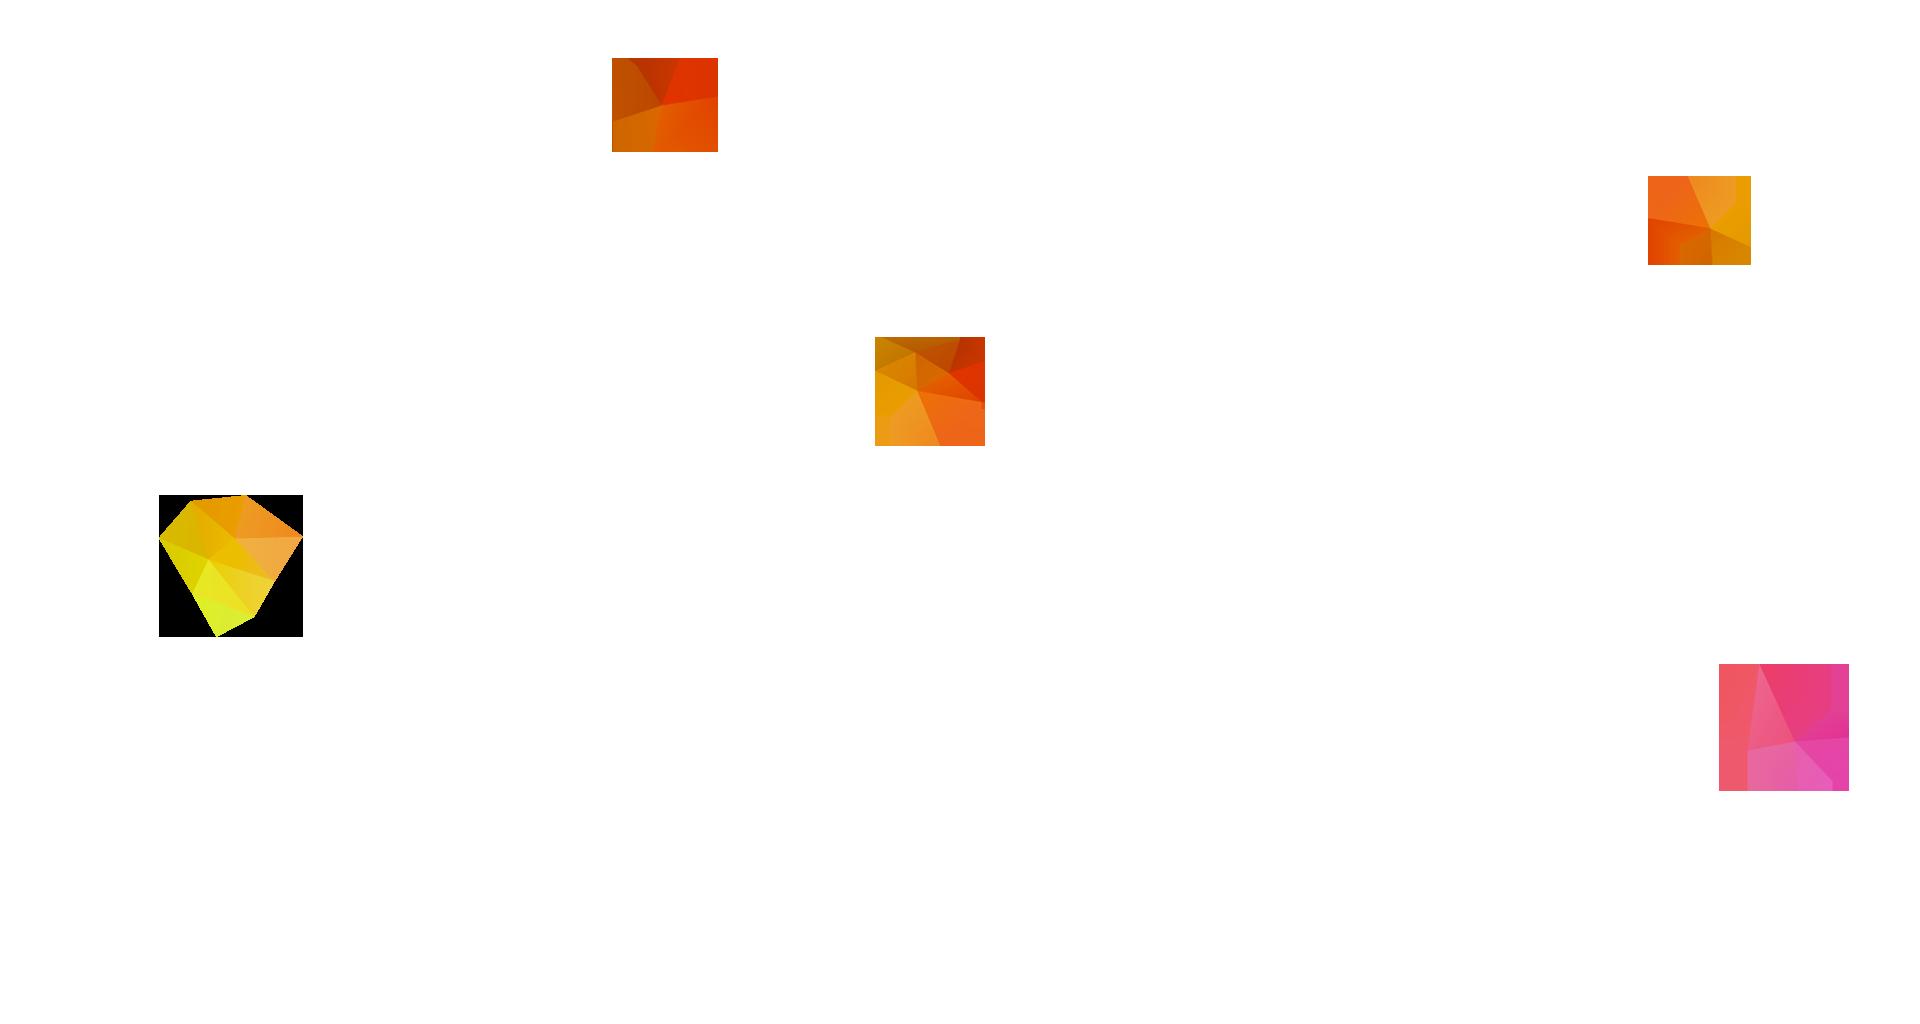 لایه پارالاکس